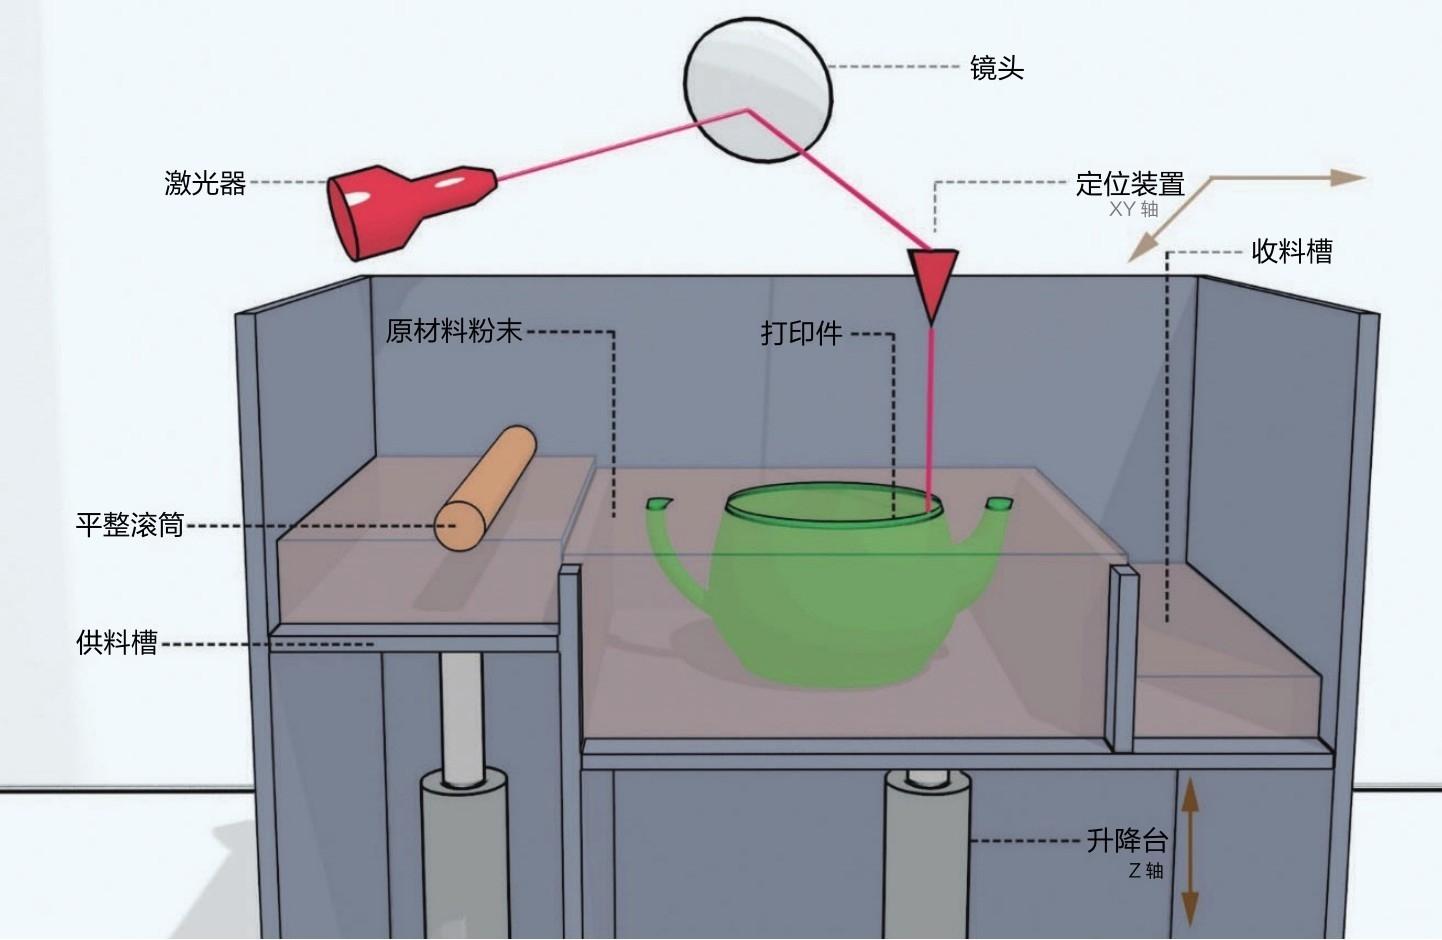 什么是激光烧结式SLS?简述激光烧结式SLS的技术原理